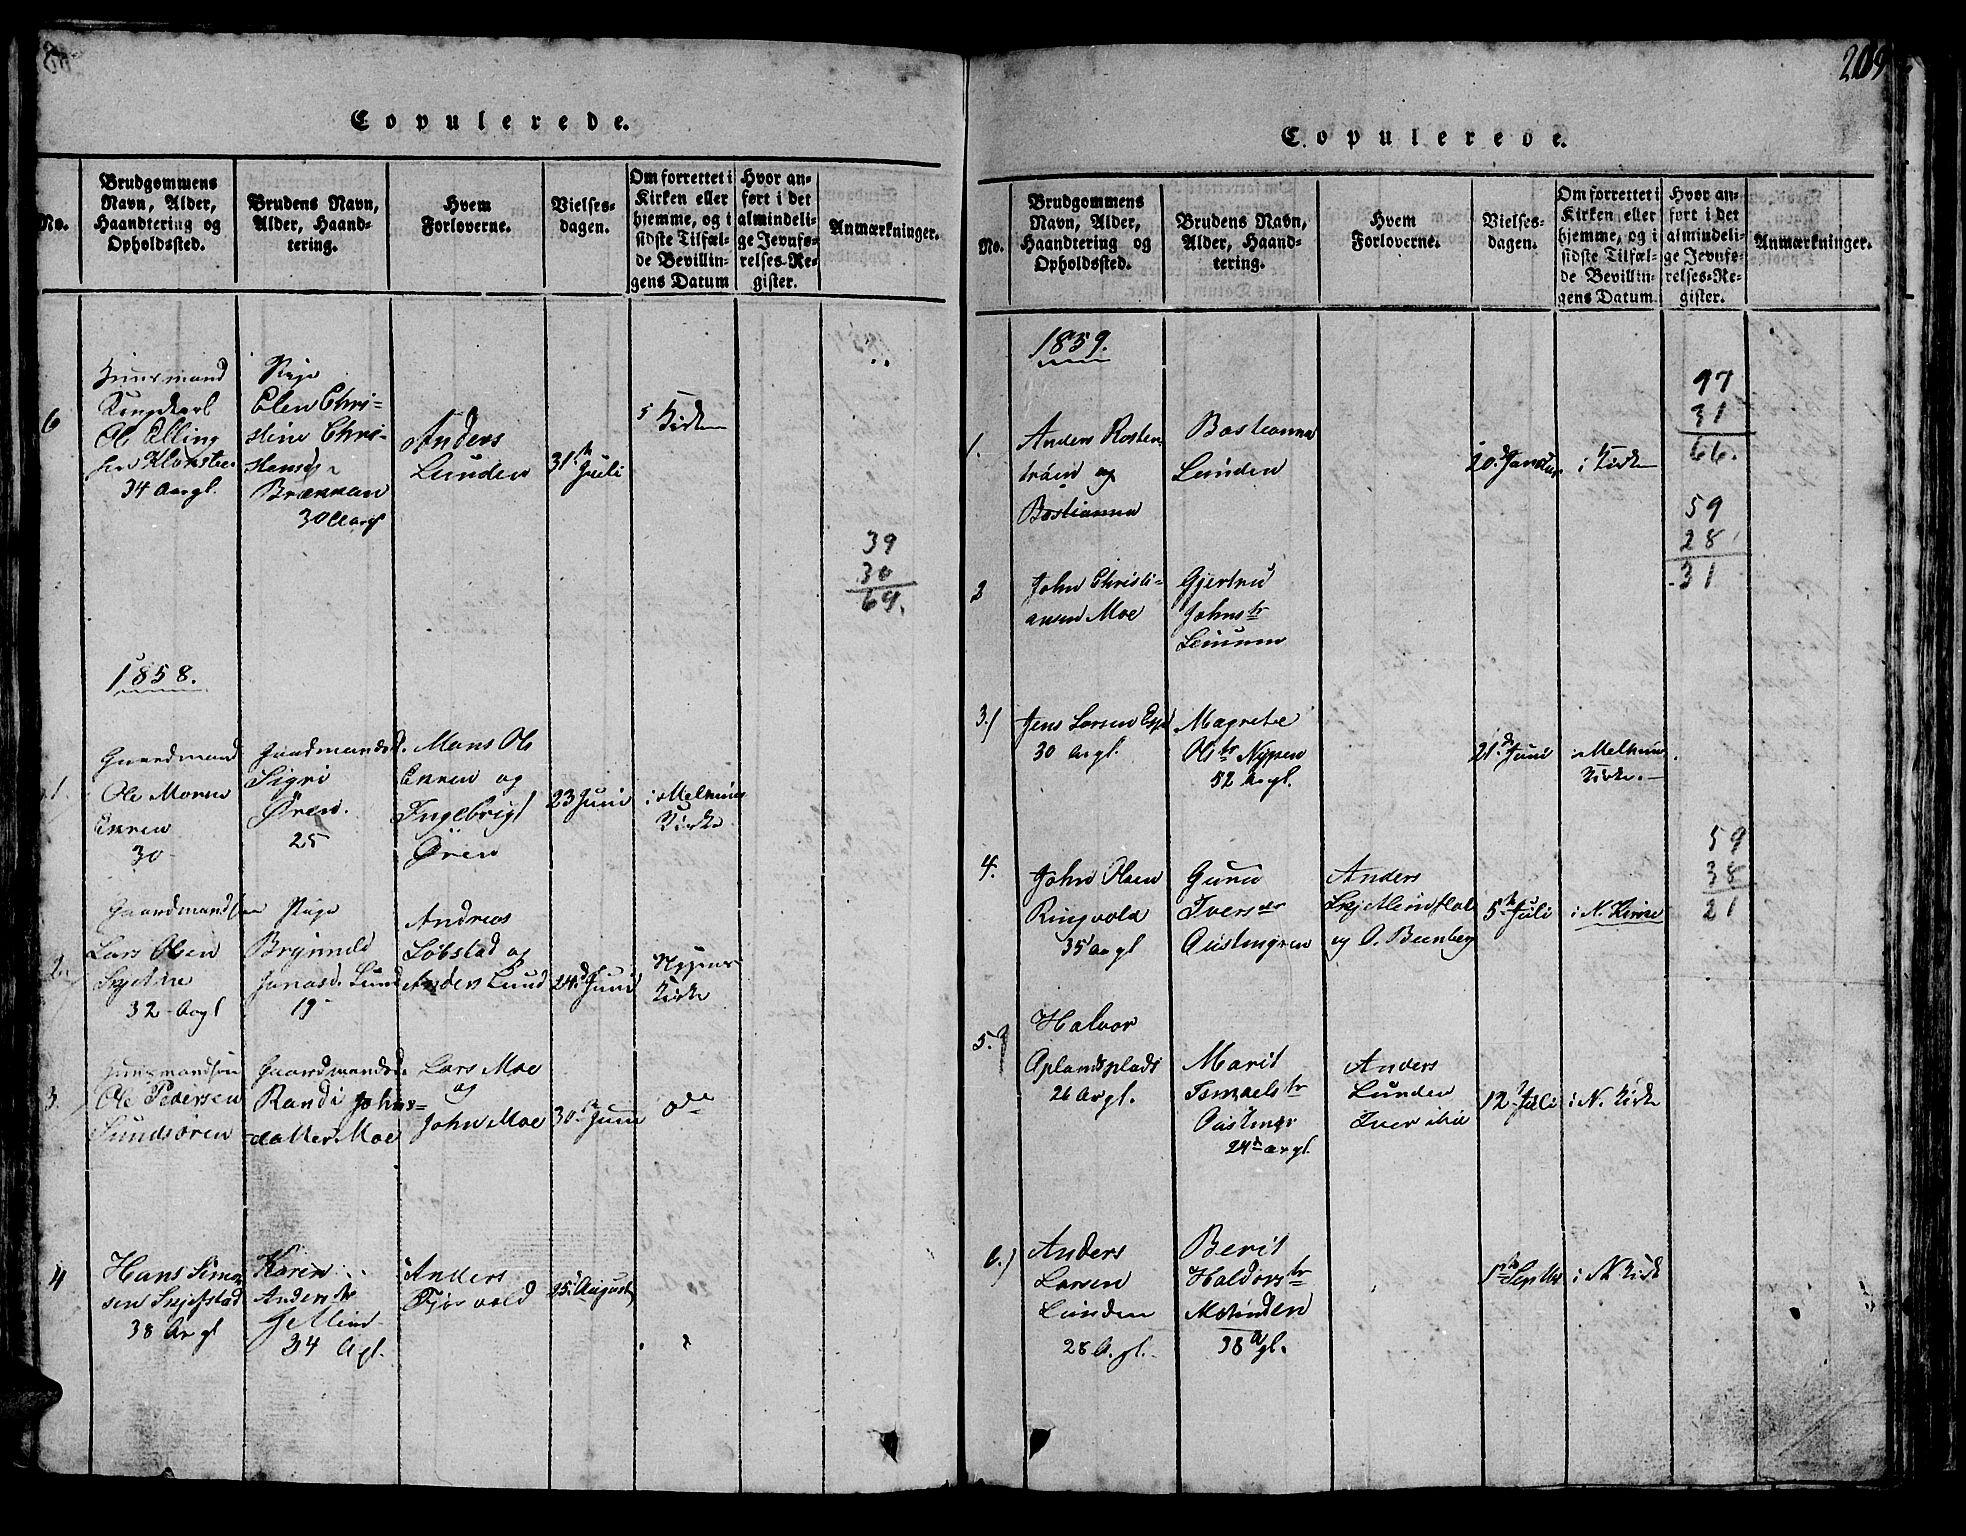 SAT, Ministerialprotokoller, klokkerbøker og fødselsregistre - Sør-Trøndelag, 613/L0393: Klokkerbok nr. 613C01, 1816-1886, s. 209